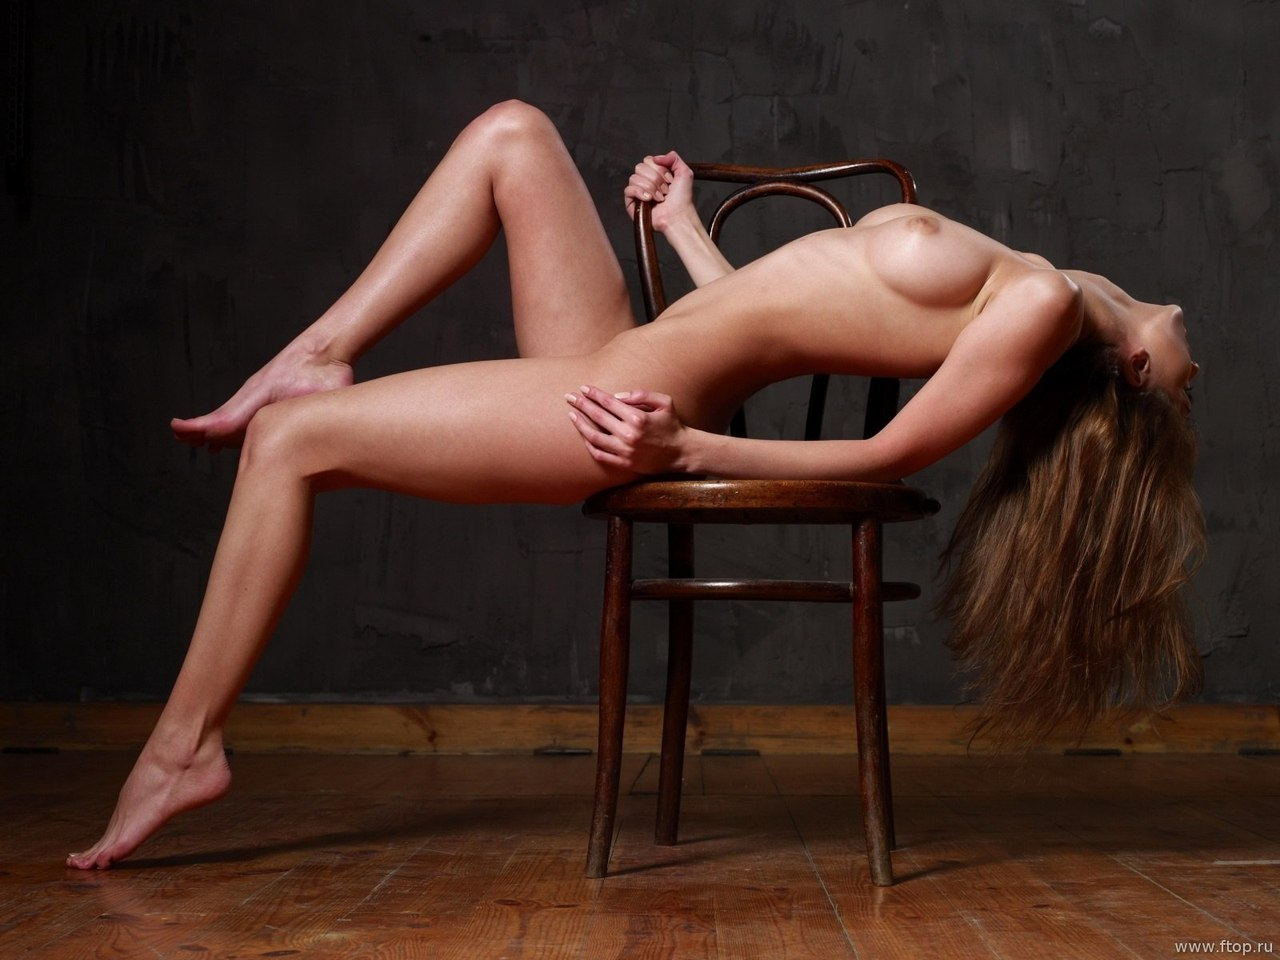 Fucking lady naked